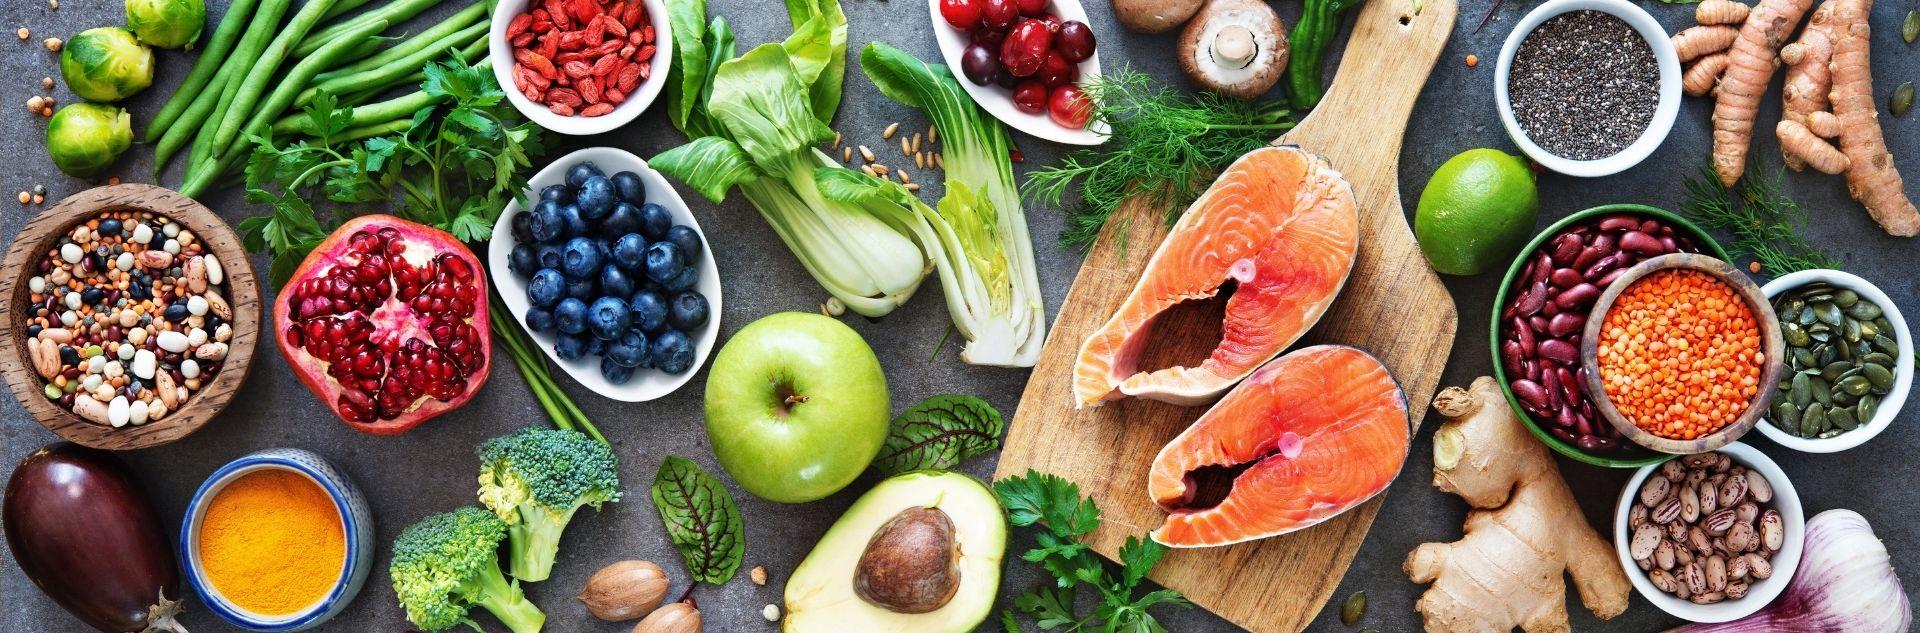 Mix von Lebensmitteln zum Kochen